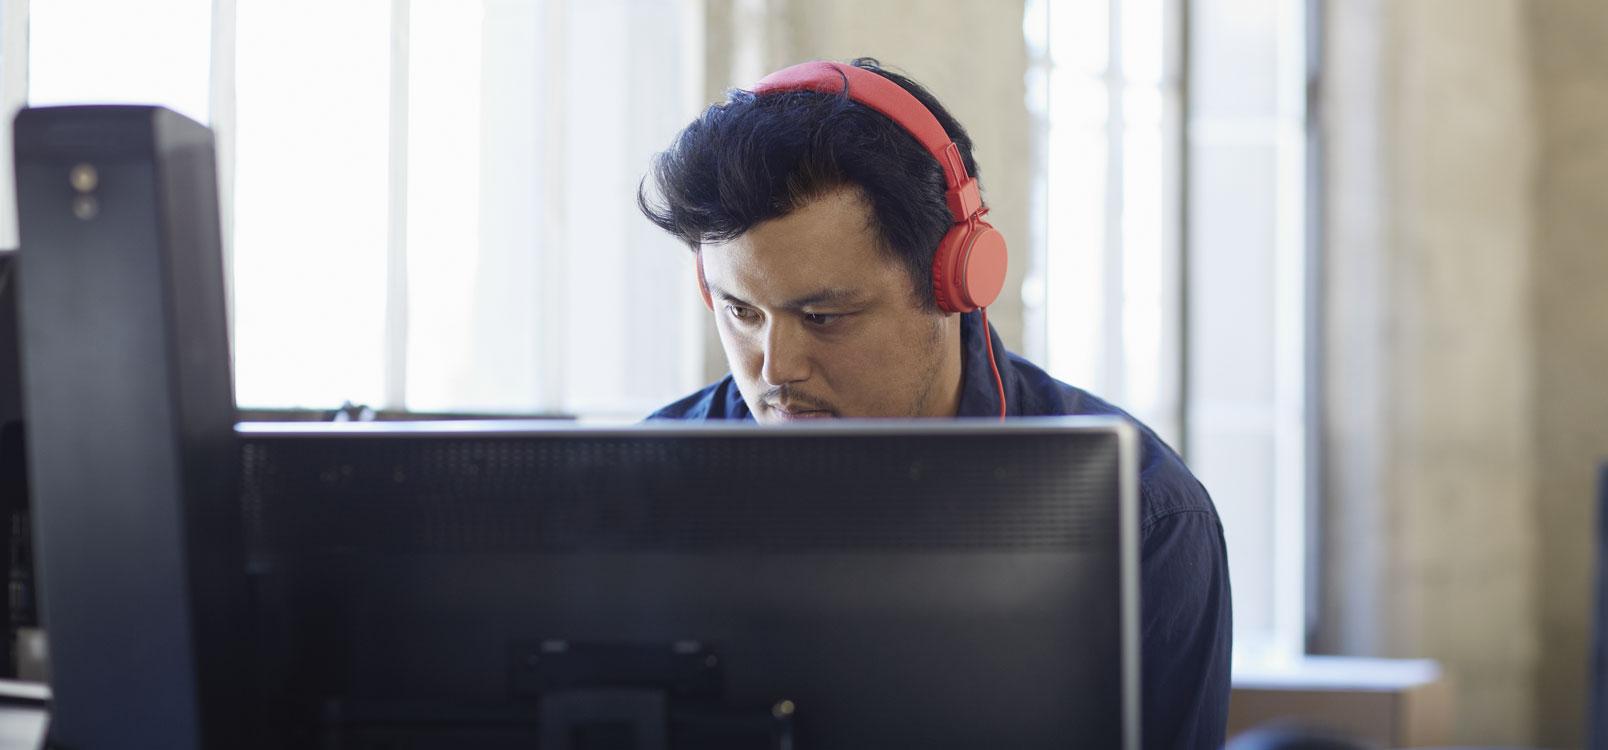 Uomo che indossa cuffie al lavoro su un PC desktop, usando Office 365 per semplificare l'IT.